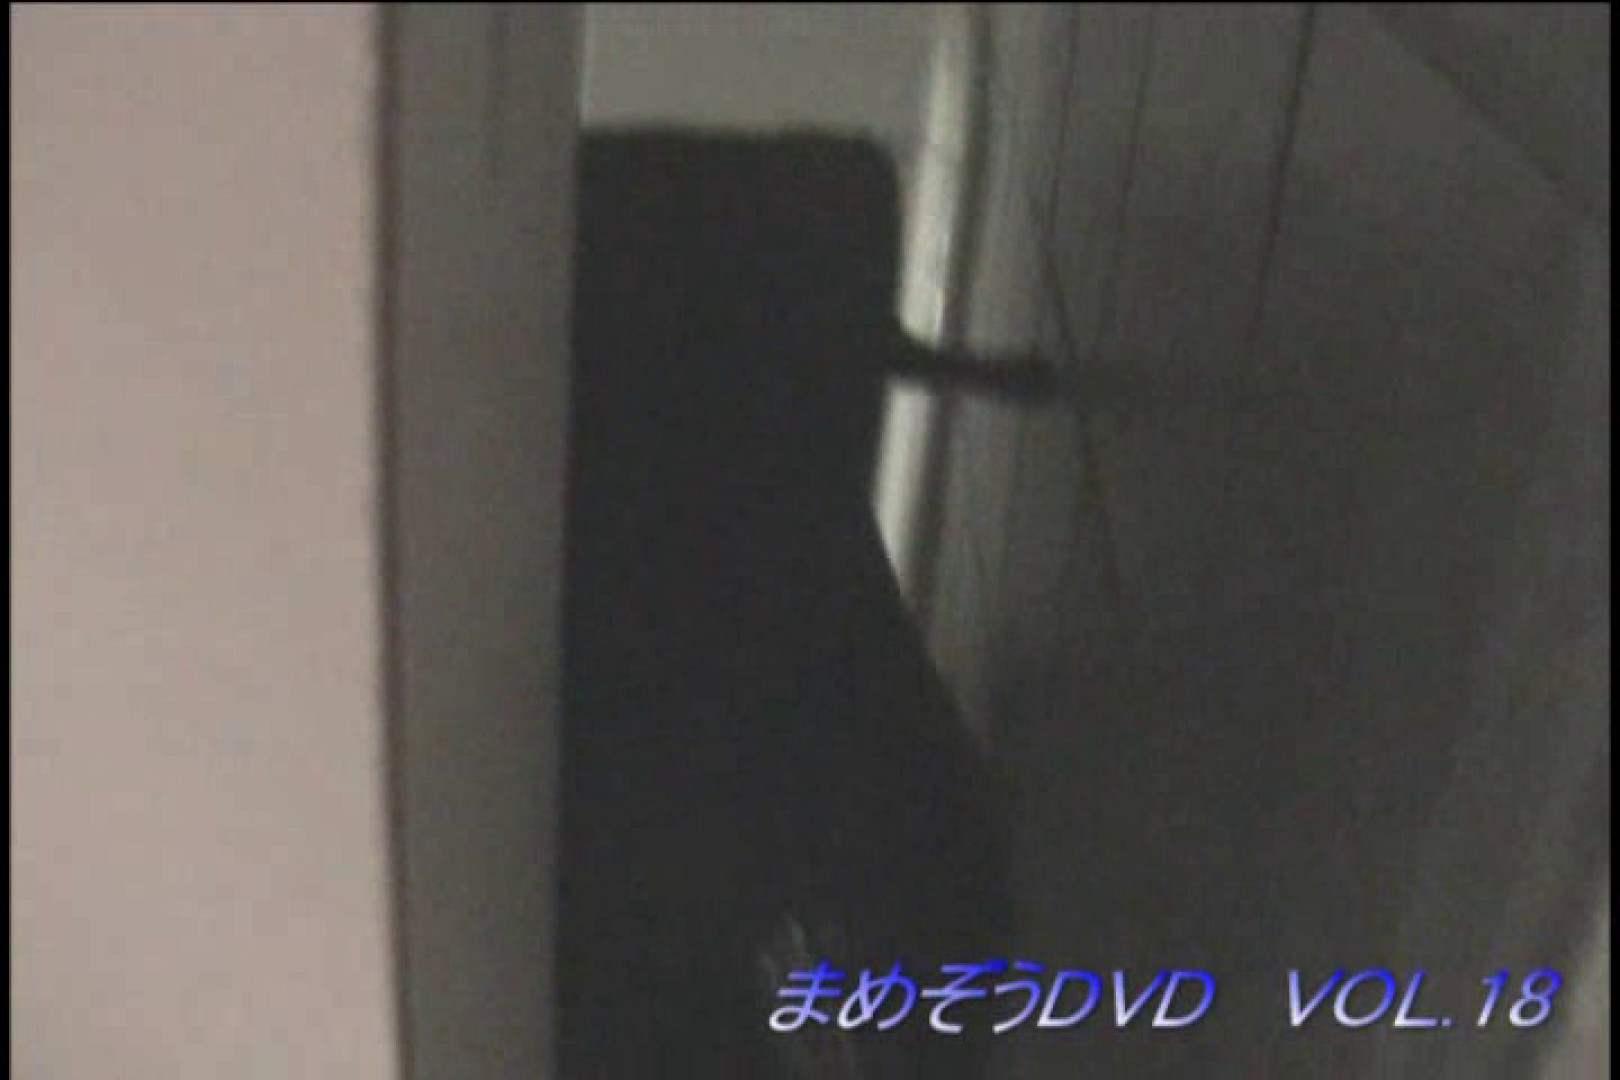 まめぞうDVD完全版VOL.18 ギャル盗撮映像   OLのボディ  76PIX 39